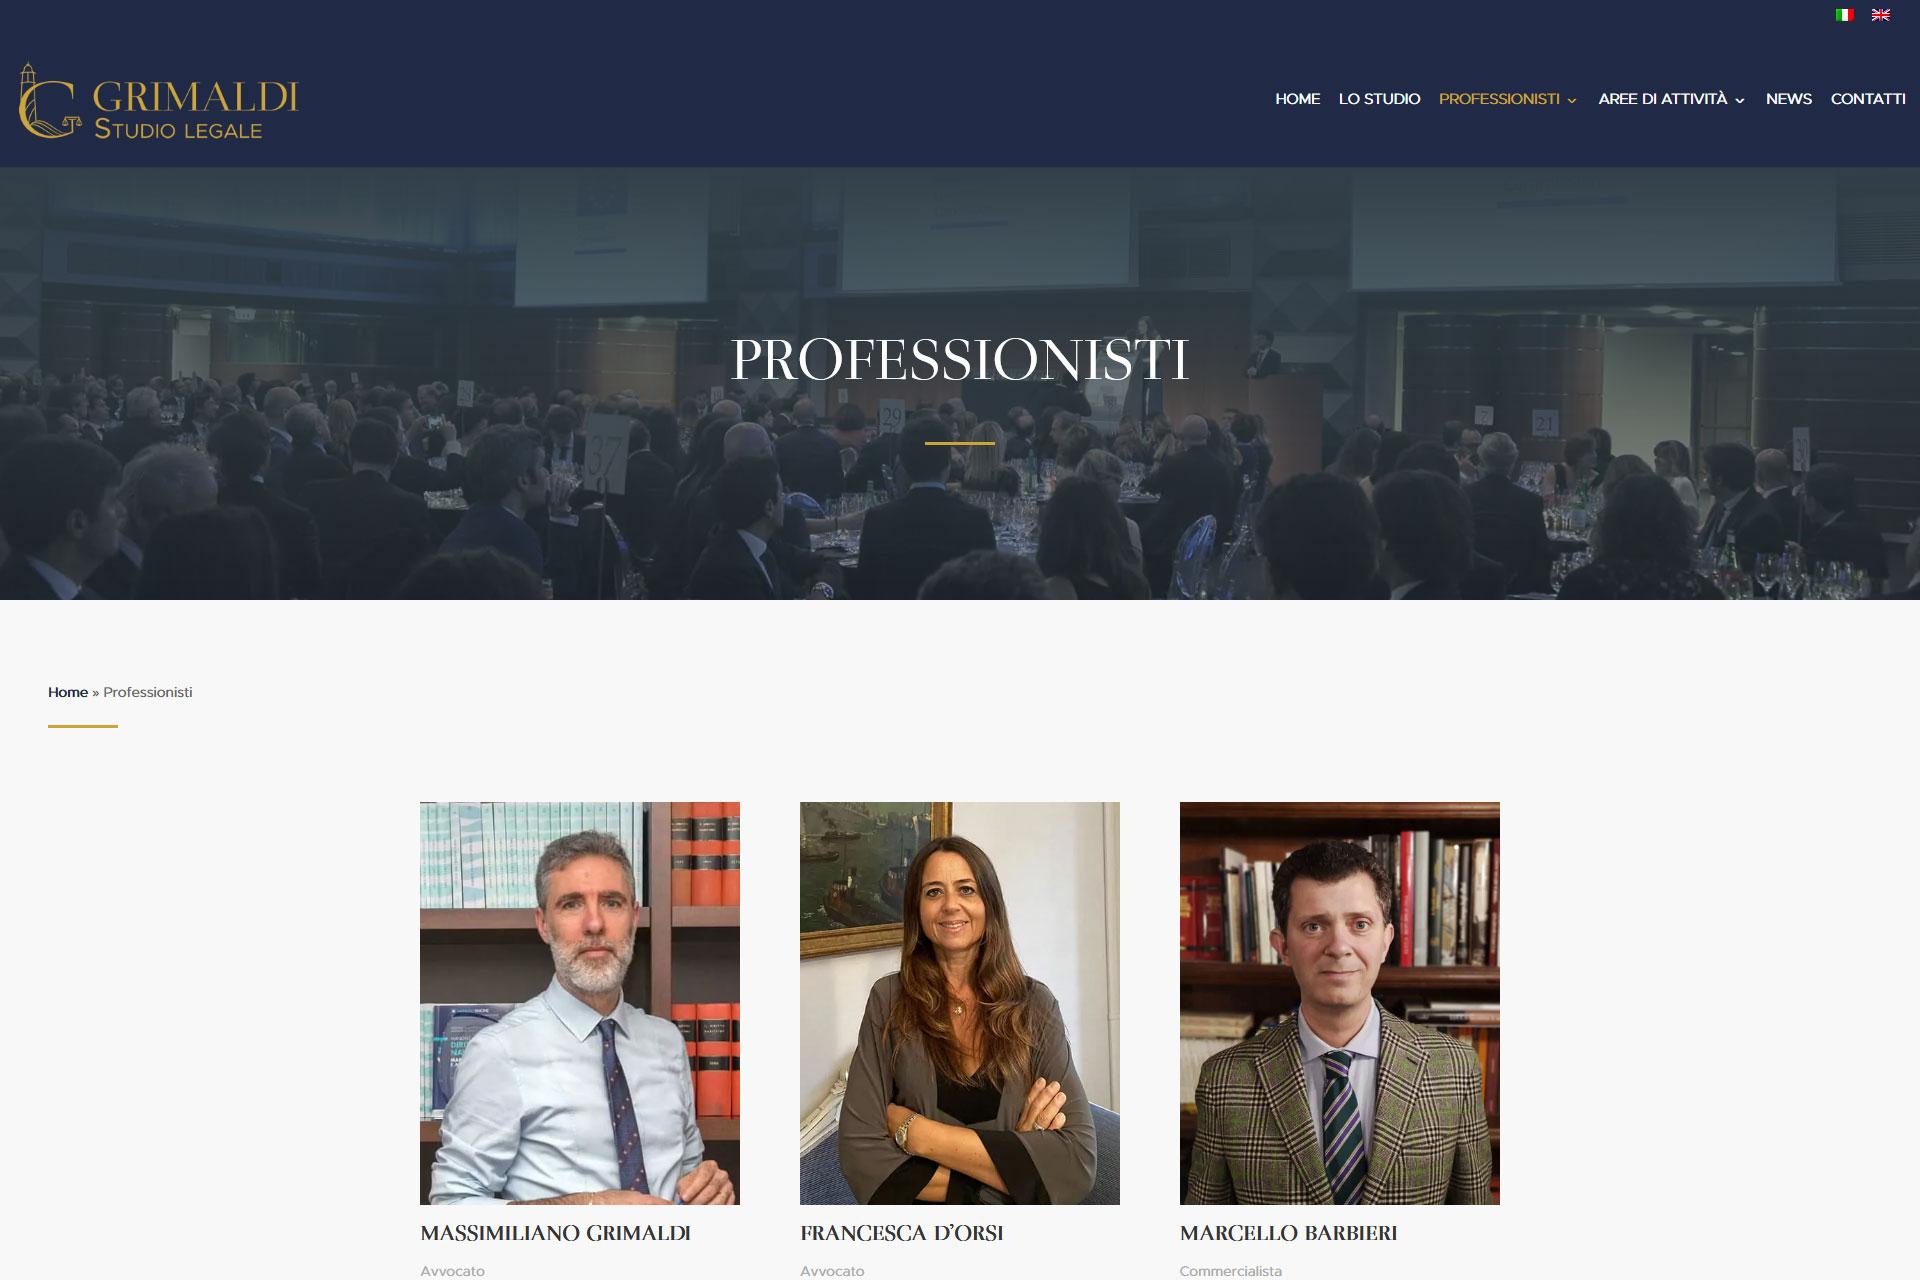 lv-design-realizzazione-siti-web-bologna-portfolio-grimaldi-studio-legale-slide-3